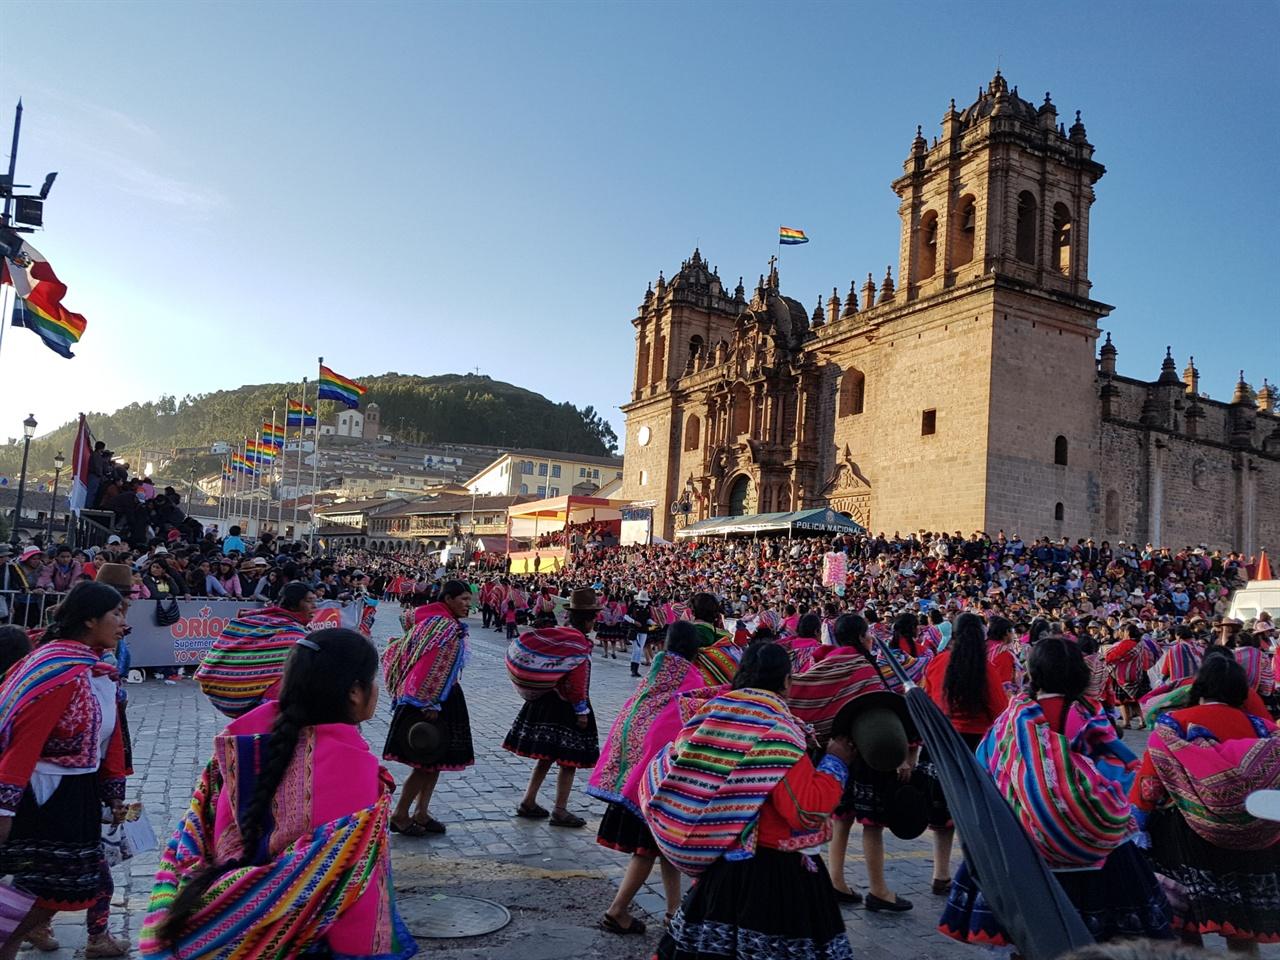 태양제이 '거리퍼레이드' '태양제'는 거대한 석벽의 잉카유적지 '삭사이와만( Sacsayhuaman)'에서 시작되어 쿠스코 대성당까지 약 2 ~ 3Km의 거리 퍼레이드가 이어진다.